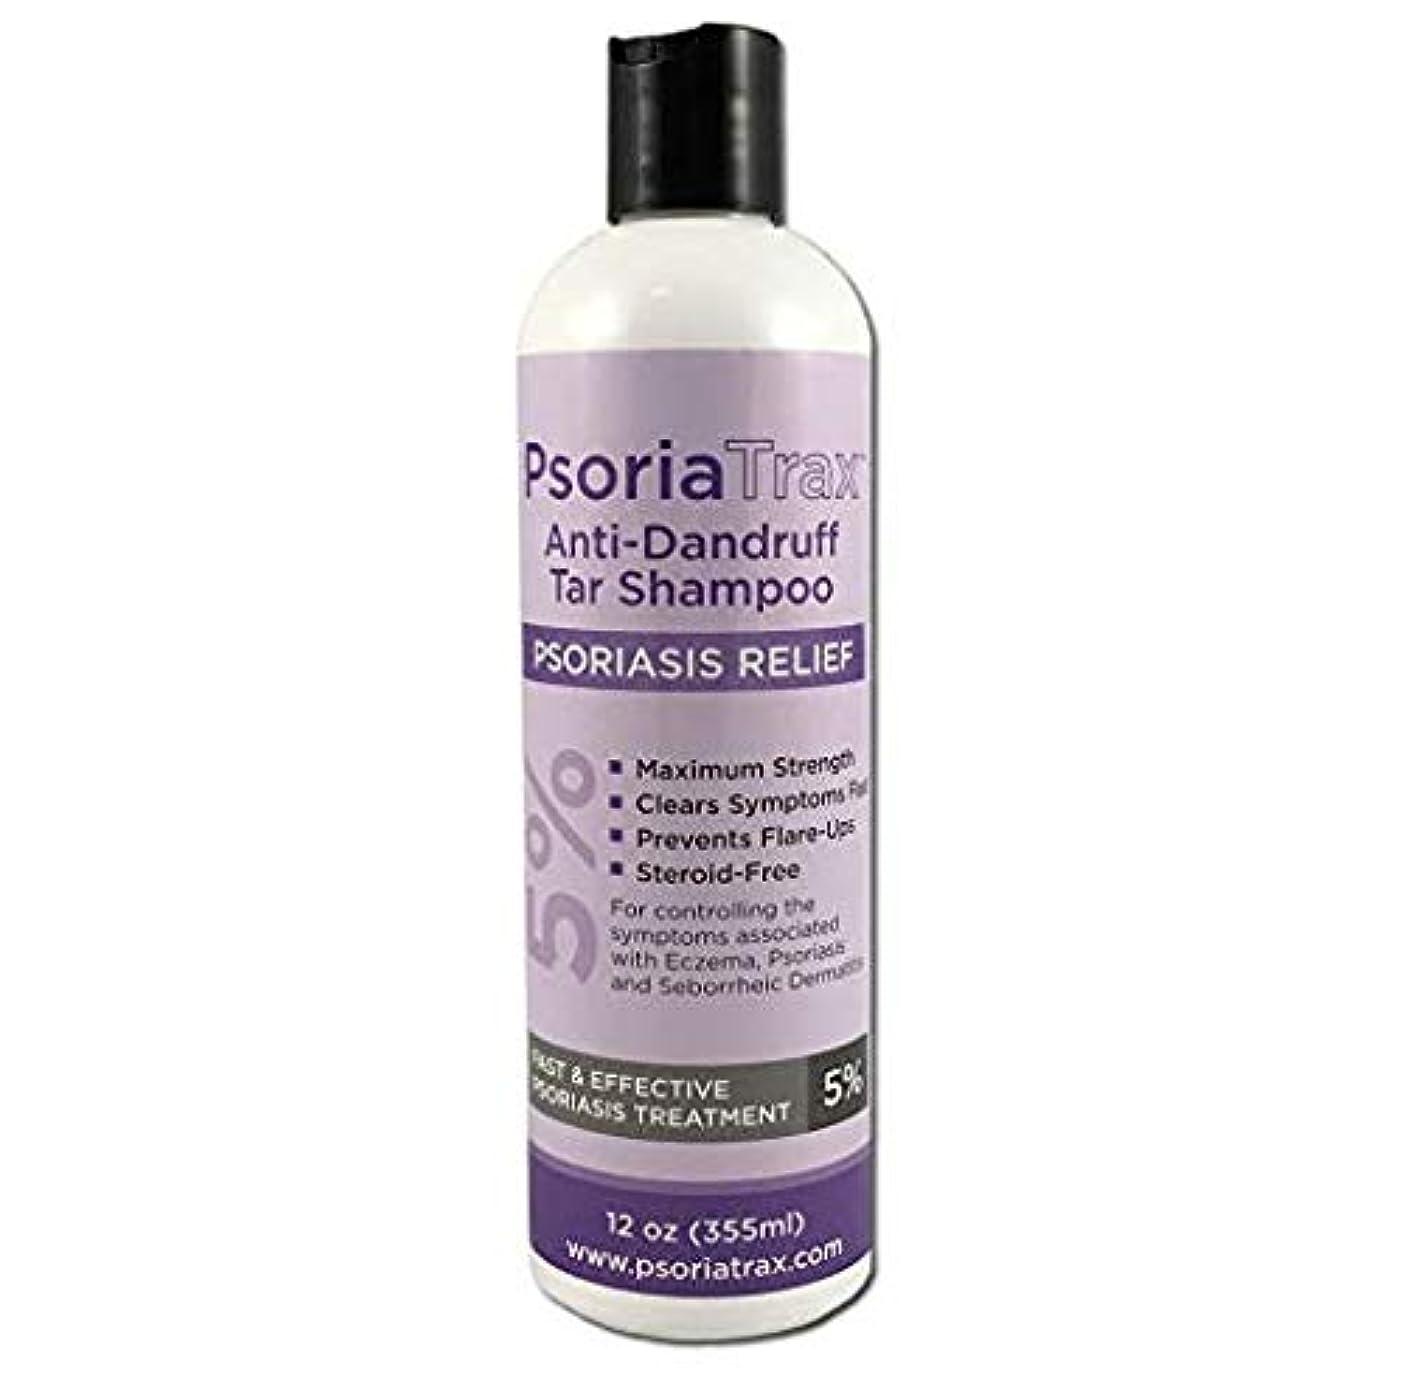 自体プラグコウモリ5%コールタール含有 かん癬用シャンプー Coal Tar Psoriasis Shampoo Psoriatrax 25% Coal Tar Solution 12oz Bottles- Psoriasis - Equivalent to 5% Coal Tar (1 Bottle)